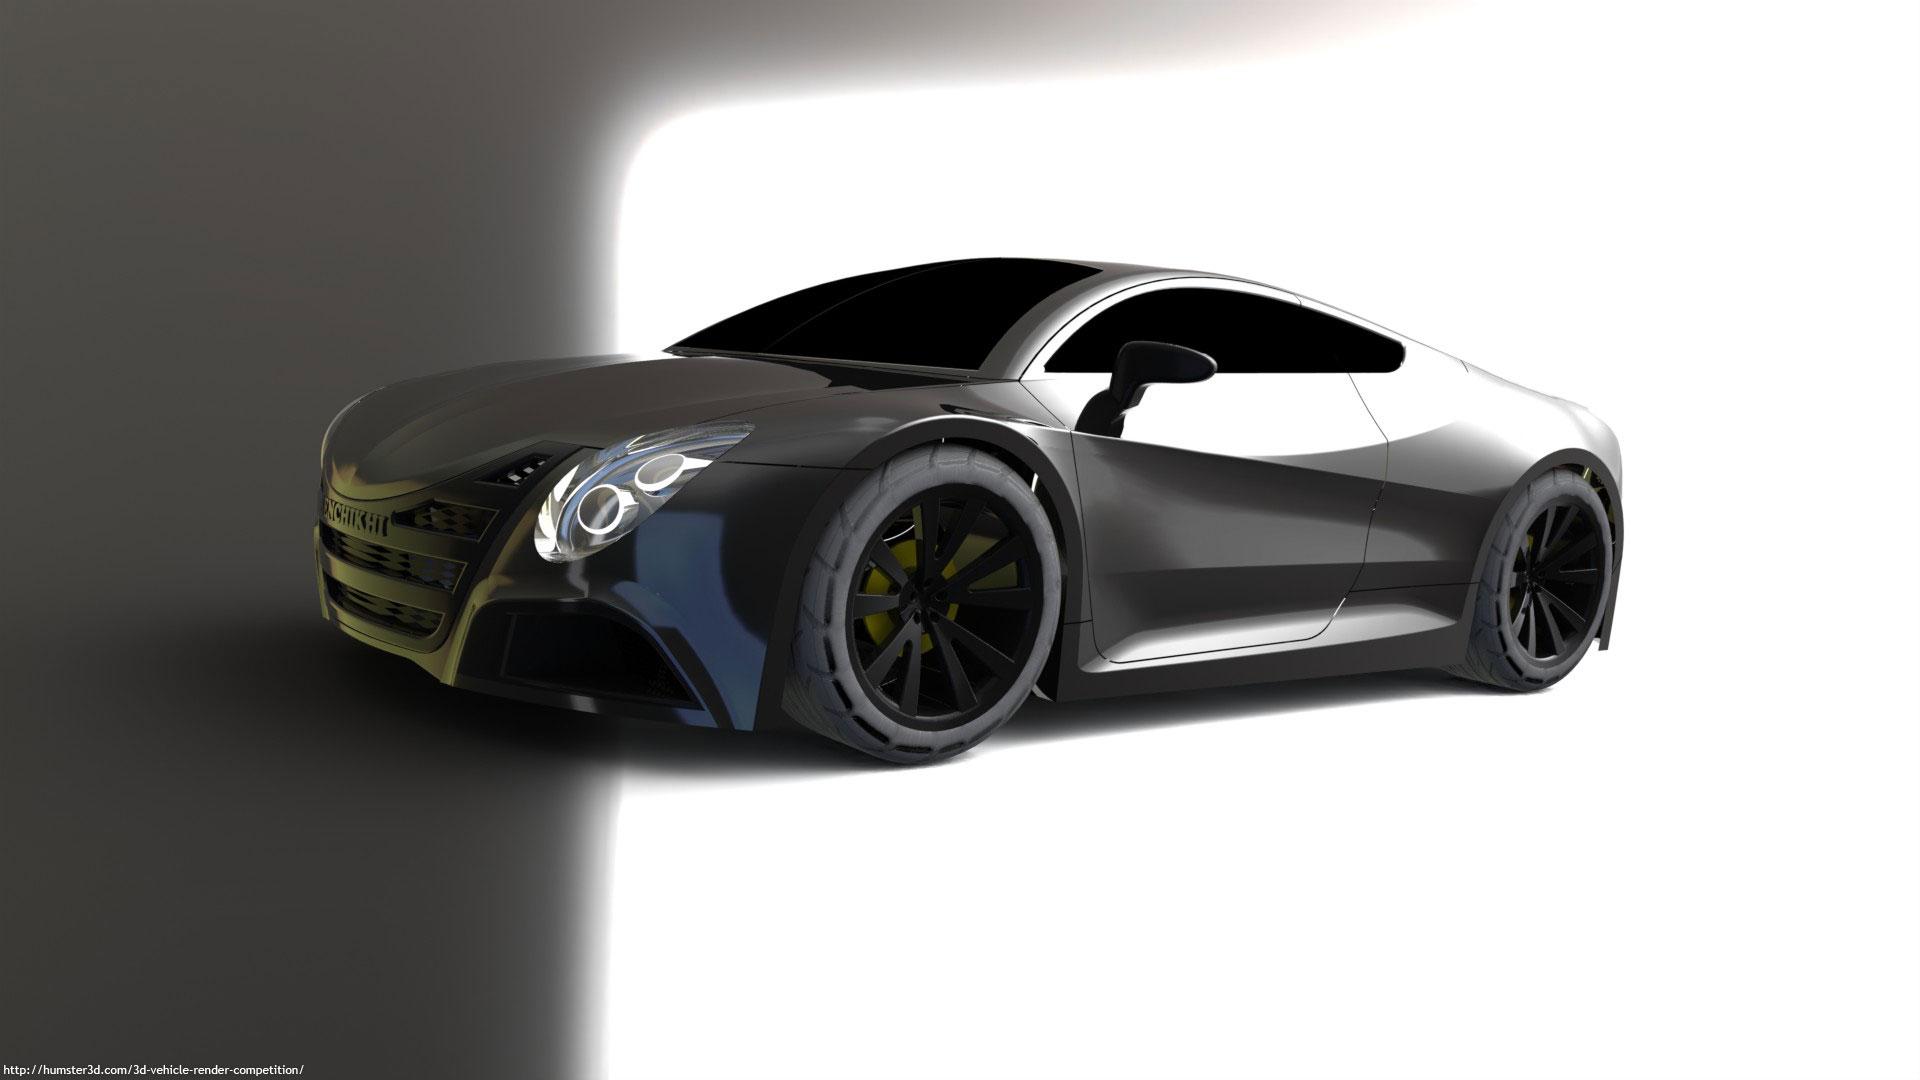 Casablanca concept car 3d art